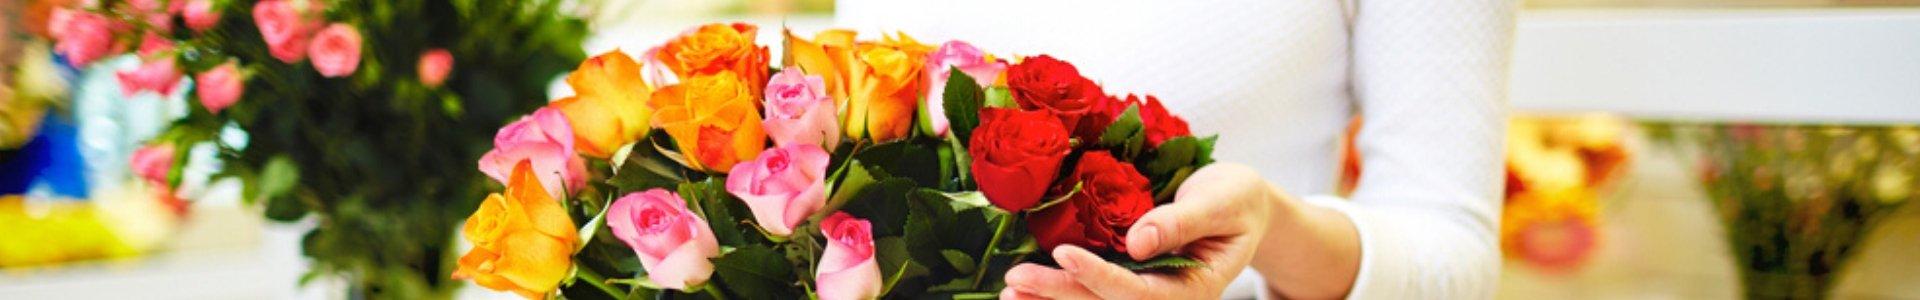 פרחי סוניה - שדרות